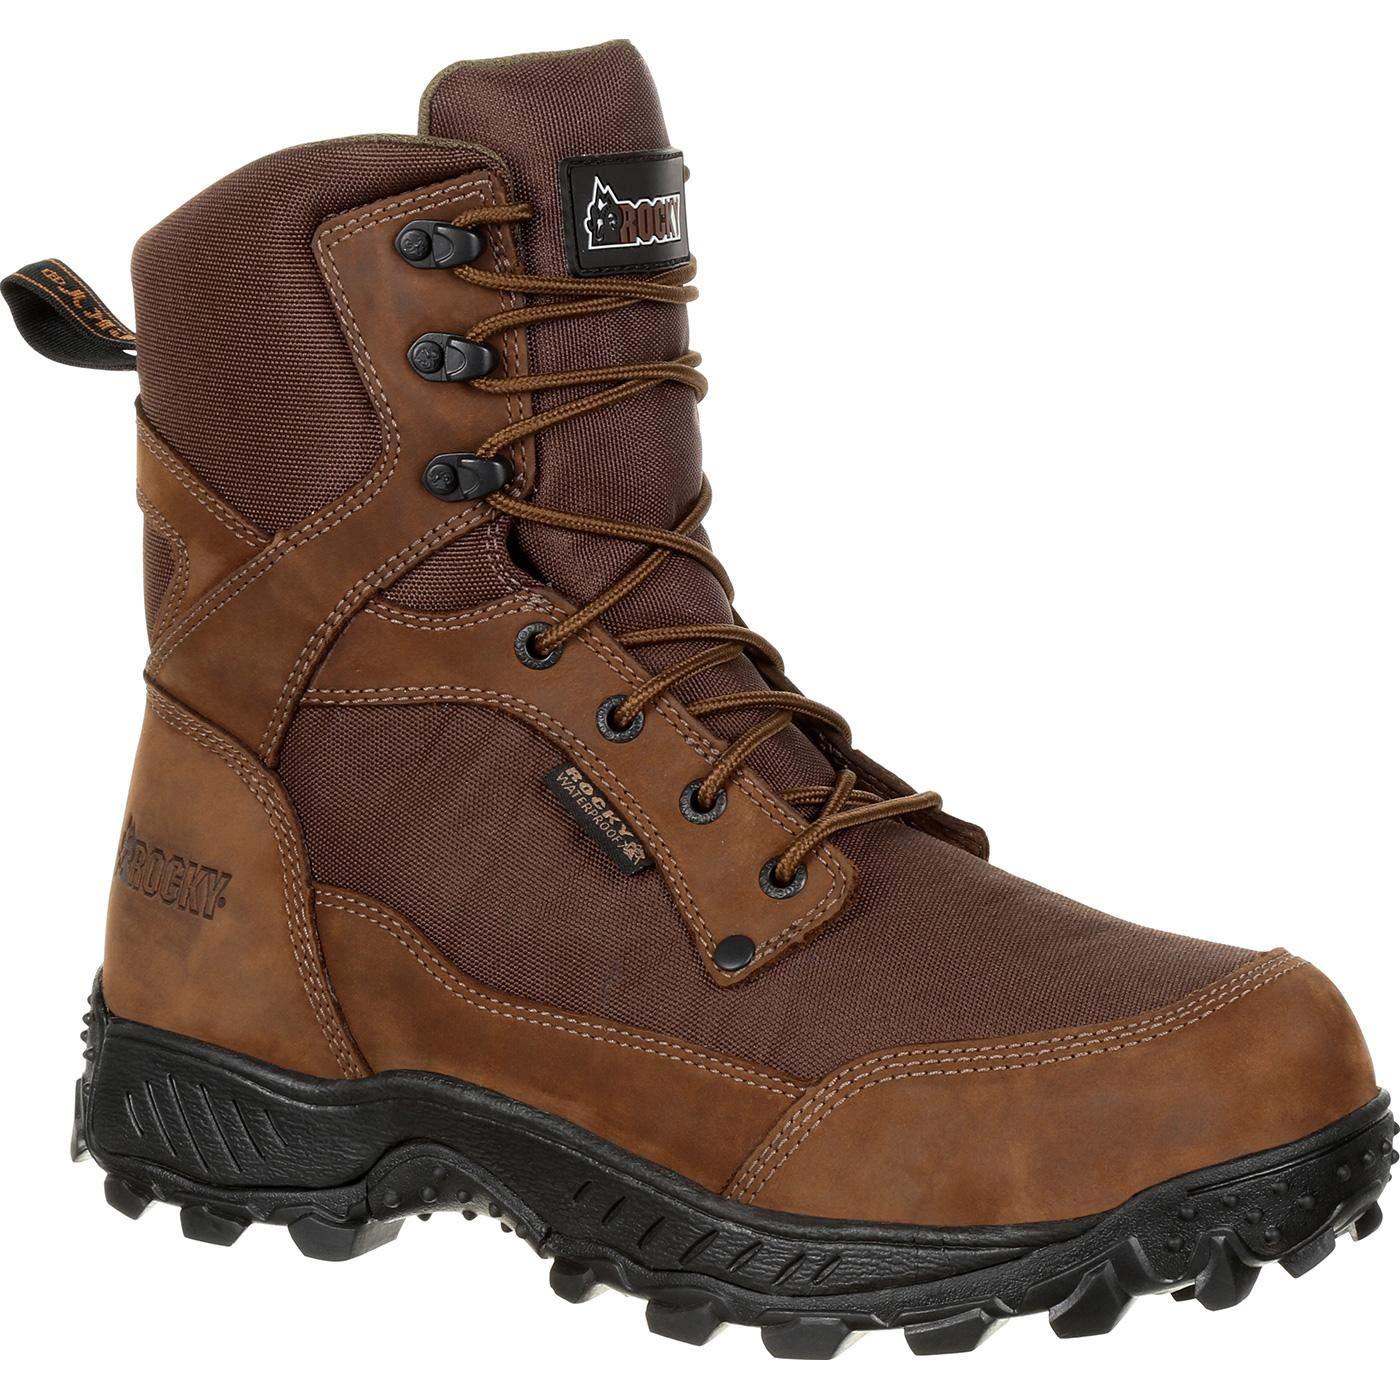 06b3aa74145 ROCKY Men's Ridgetop Waterproof Outdoor Boot Round Toe